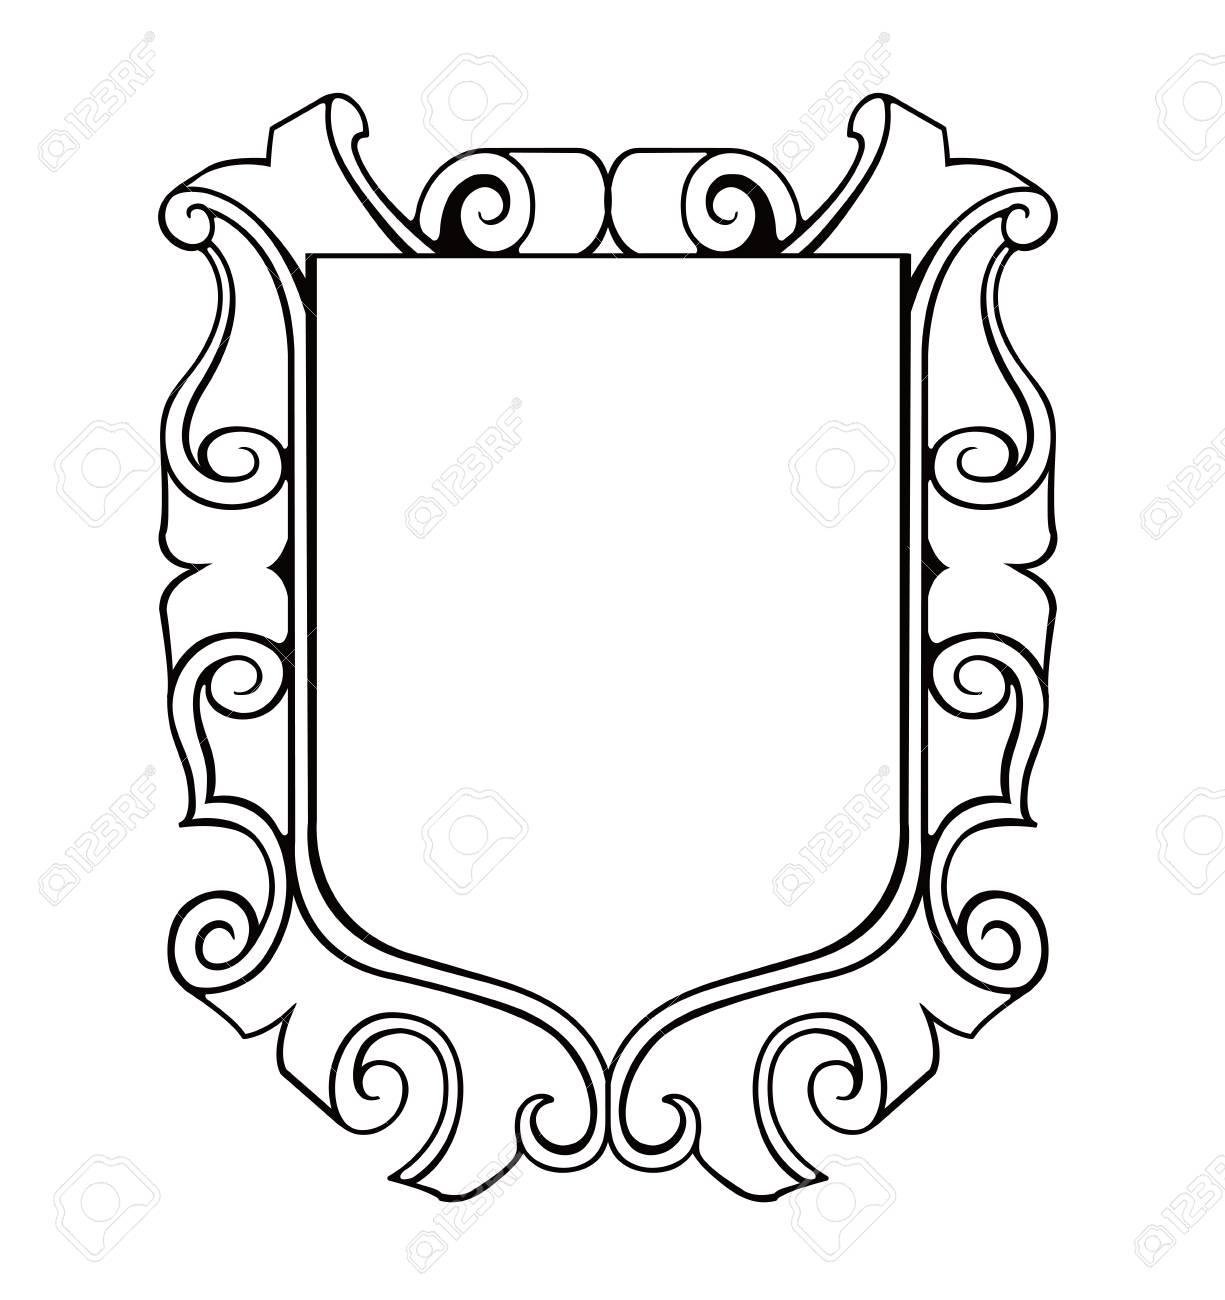 shield emblem ilustration - 91340134